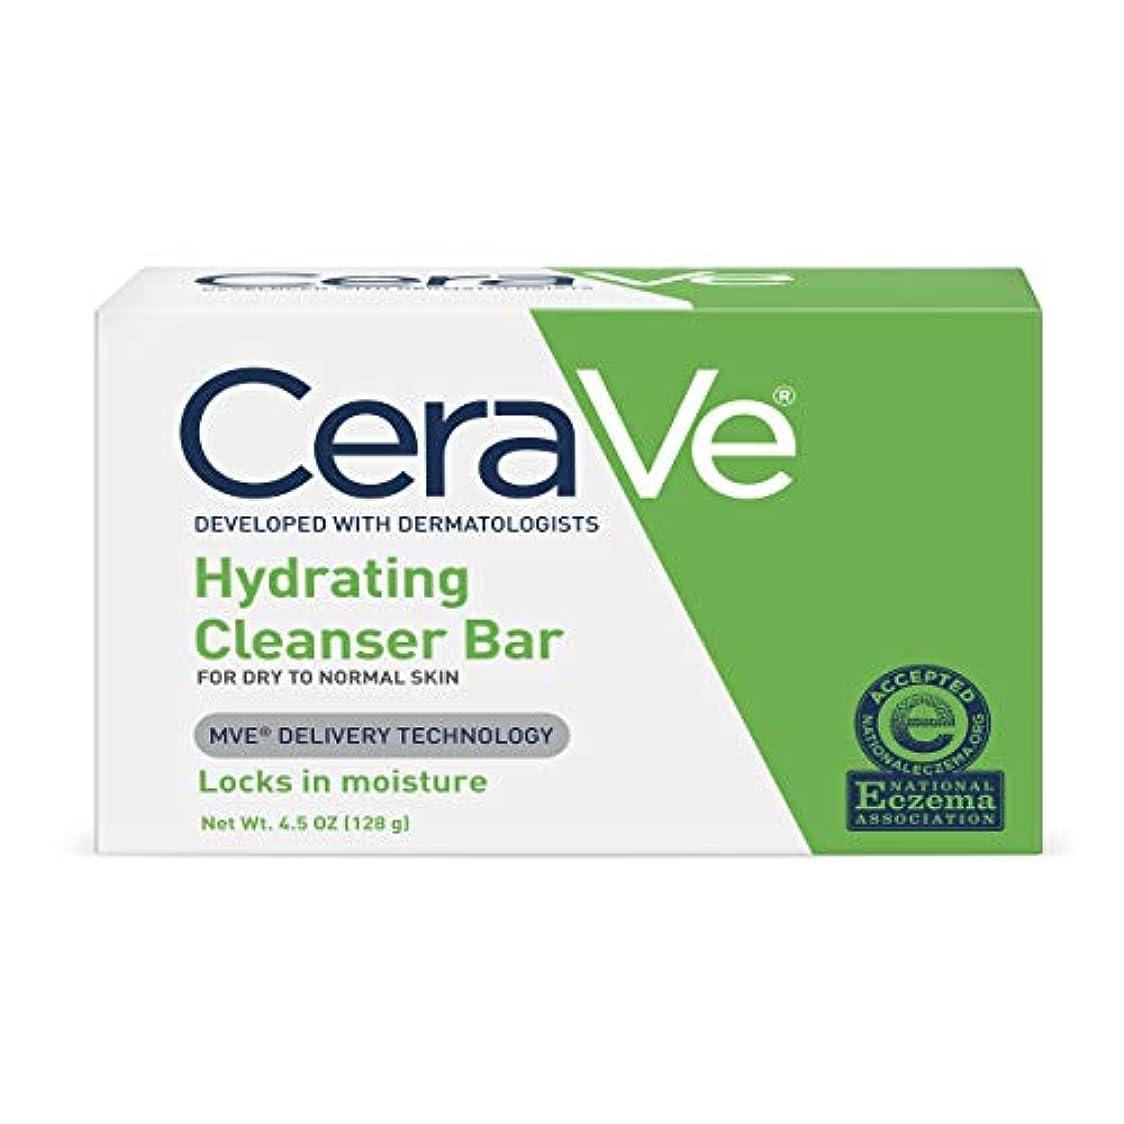 卑しいポーズ可能にするCeraVe 正常皮膚とハイドレイティングクレンザーバードライ - 4.5オズ、5パック